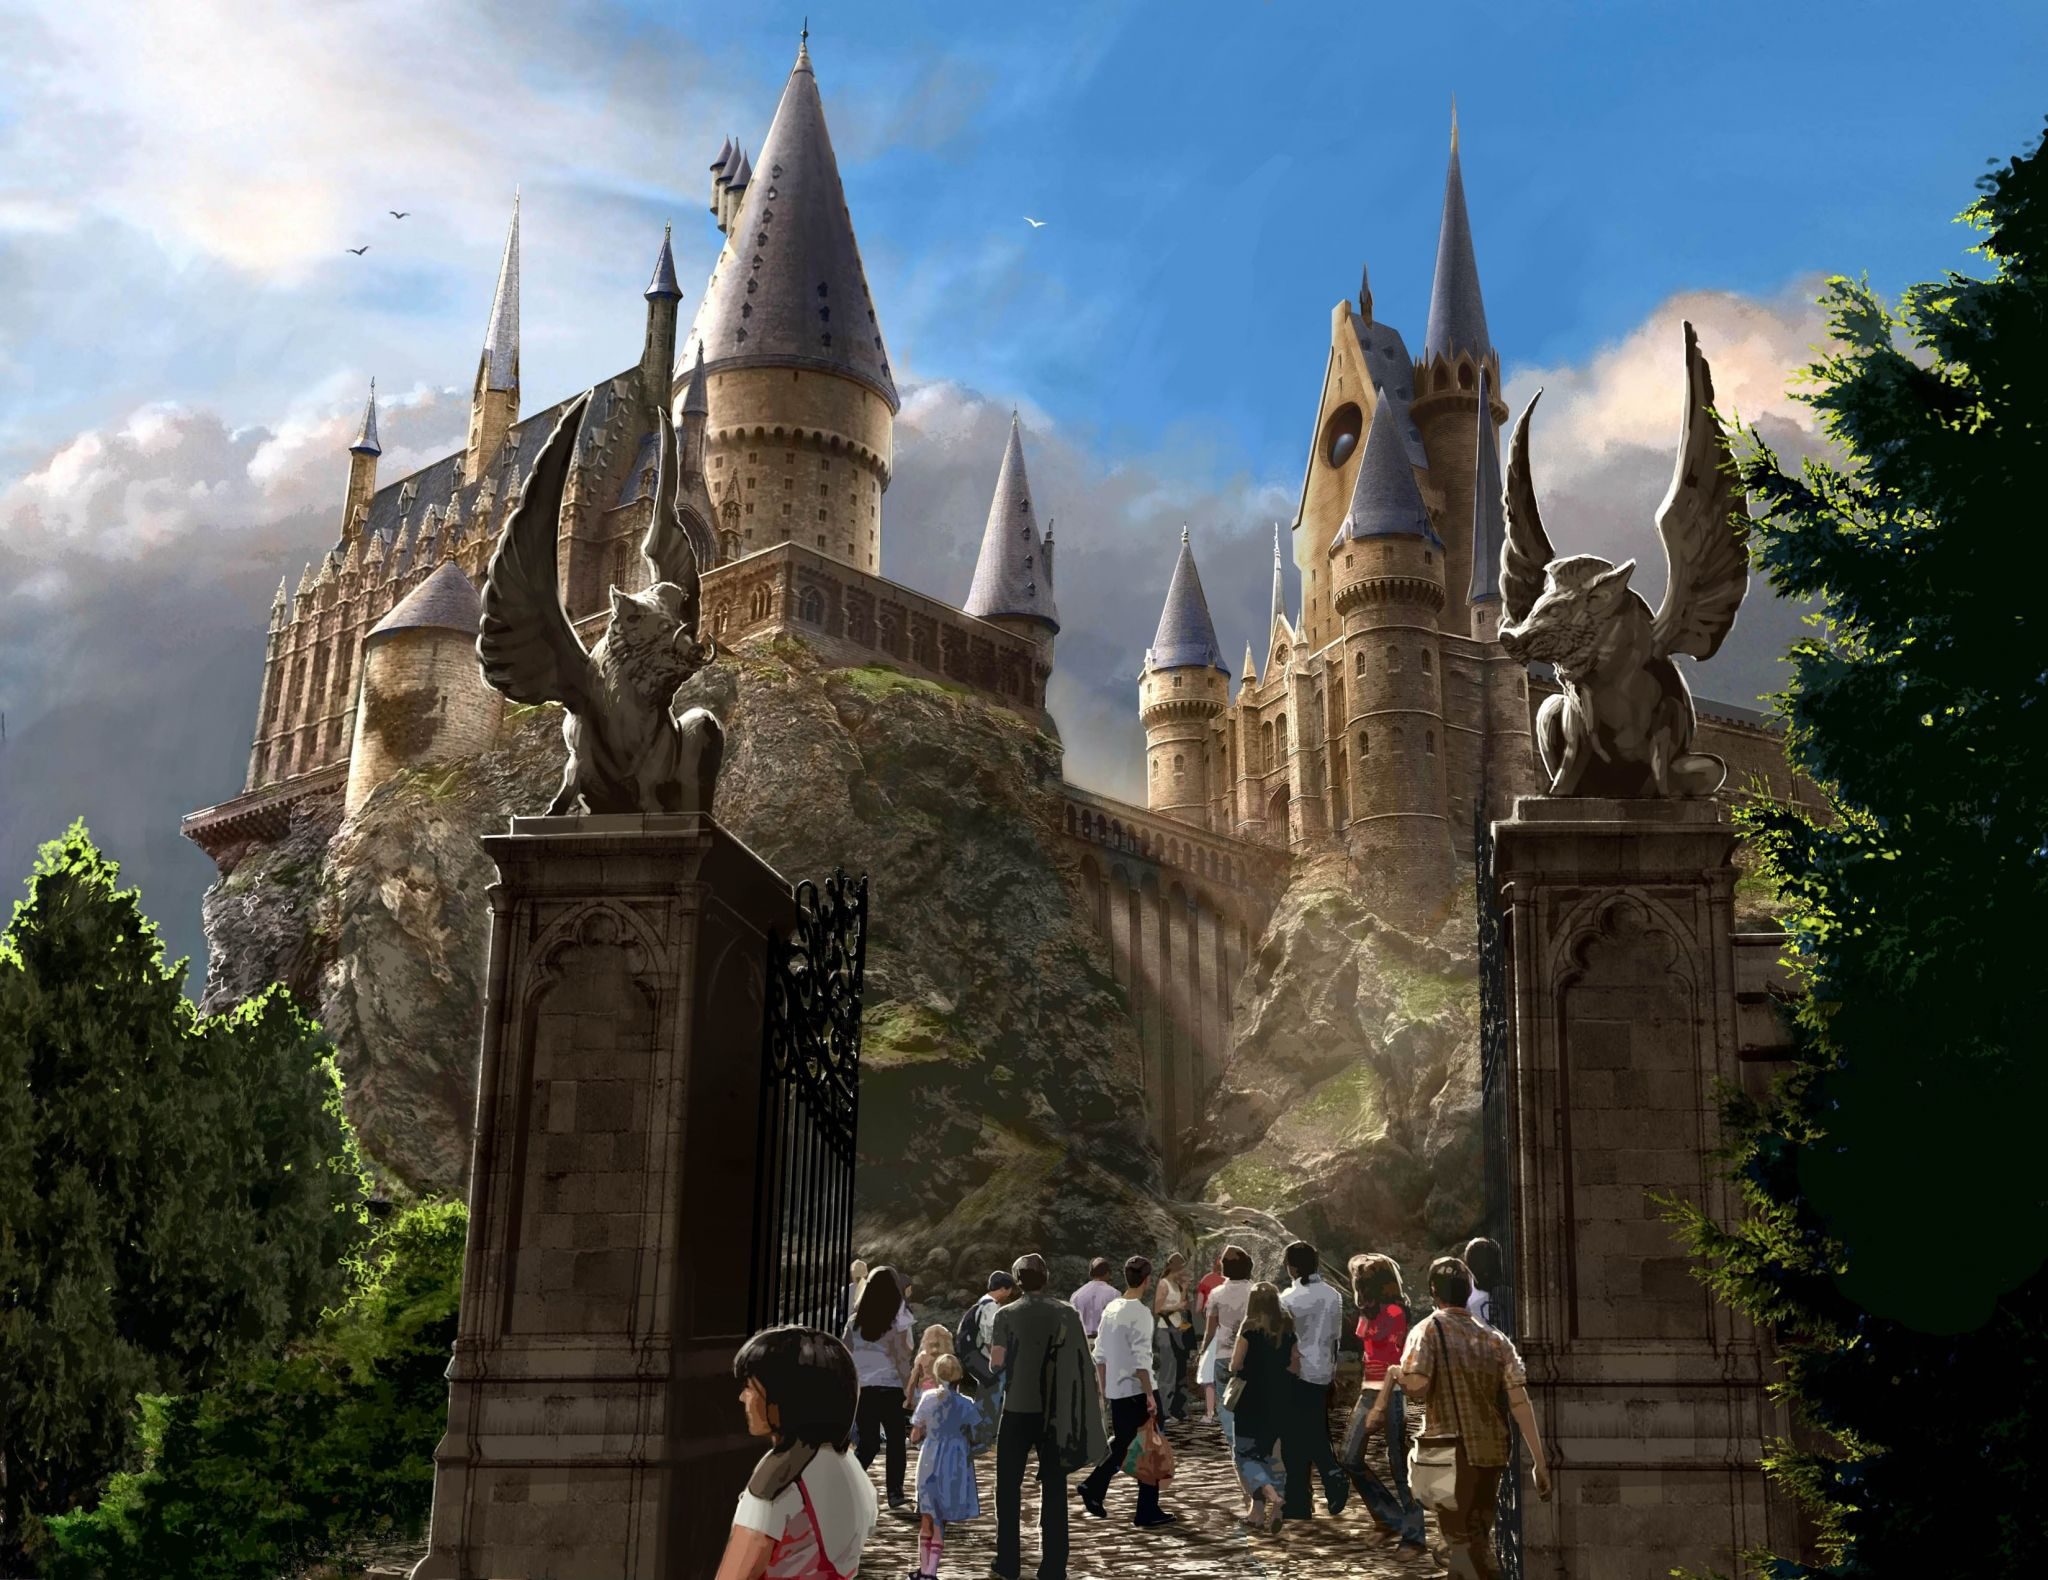 Cool Wallpaper Harry Potter Computer - f2e7cc89636a6fc0437598d3cfd92549  Photograph_277039.jpg